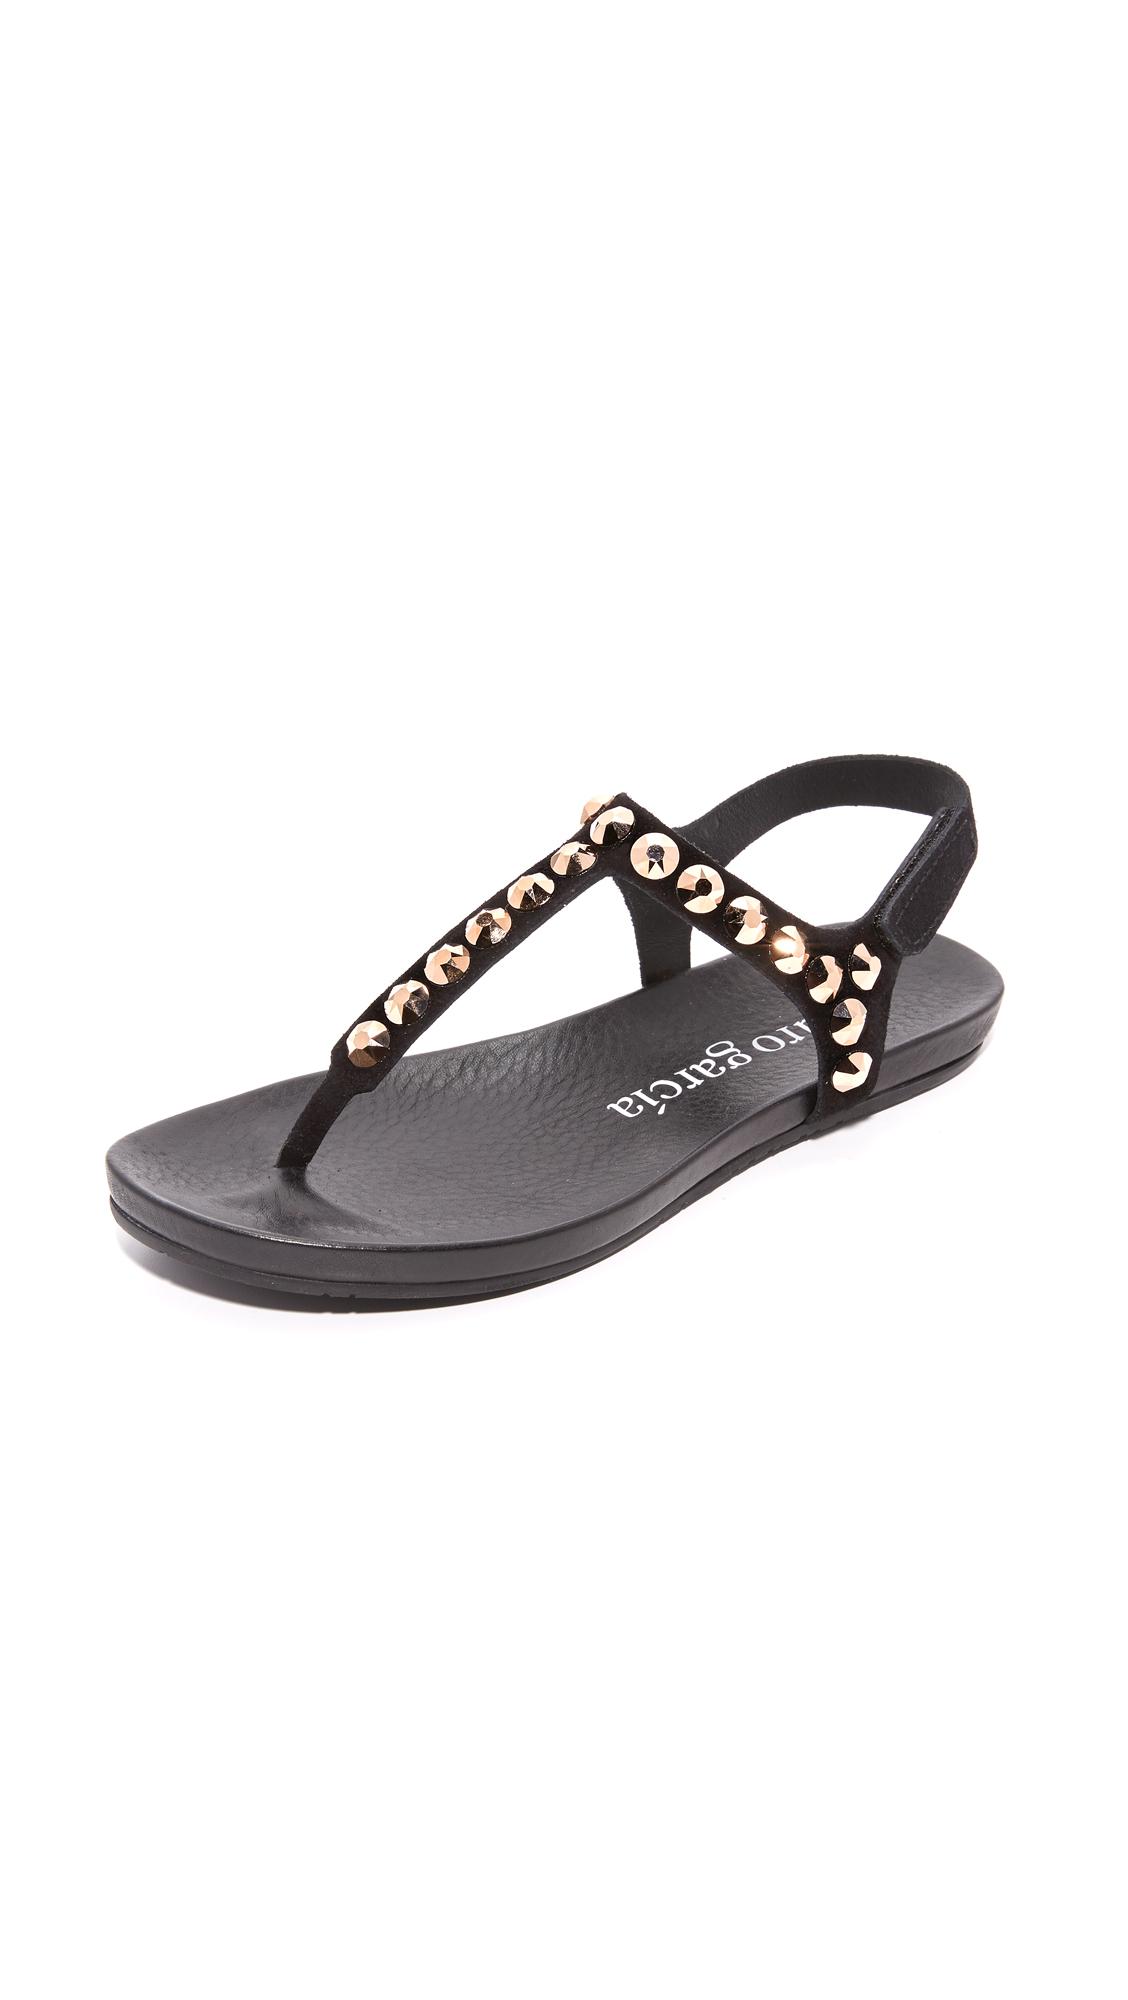 Pedro Garcia Judith Studded Sandals - Black/Rose Gold